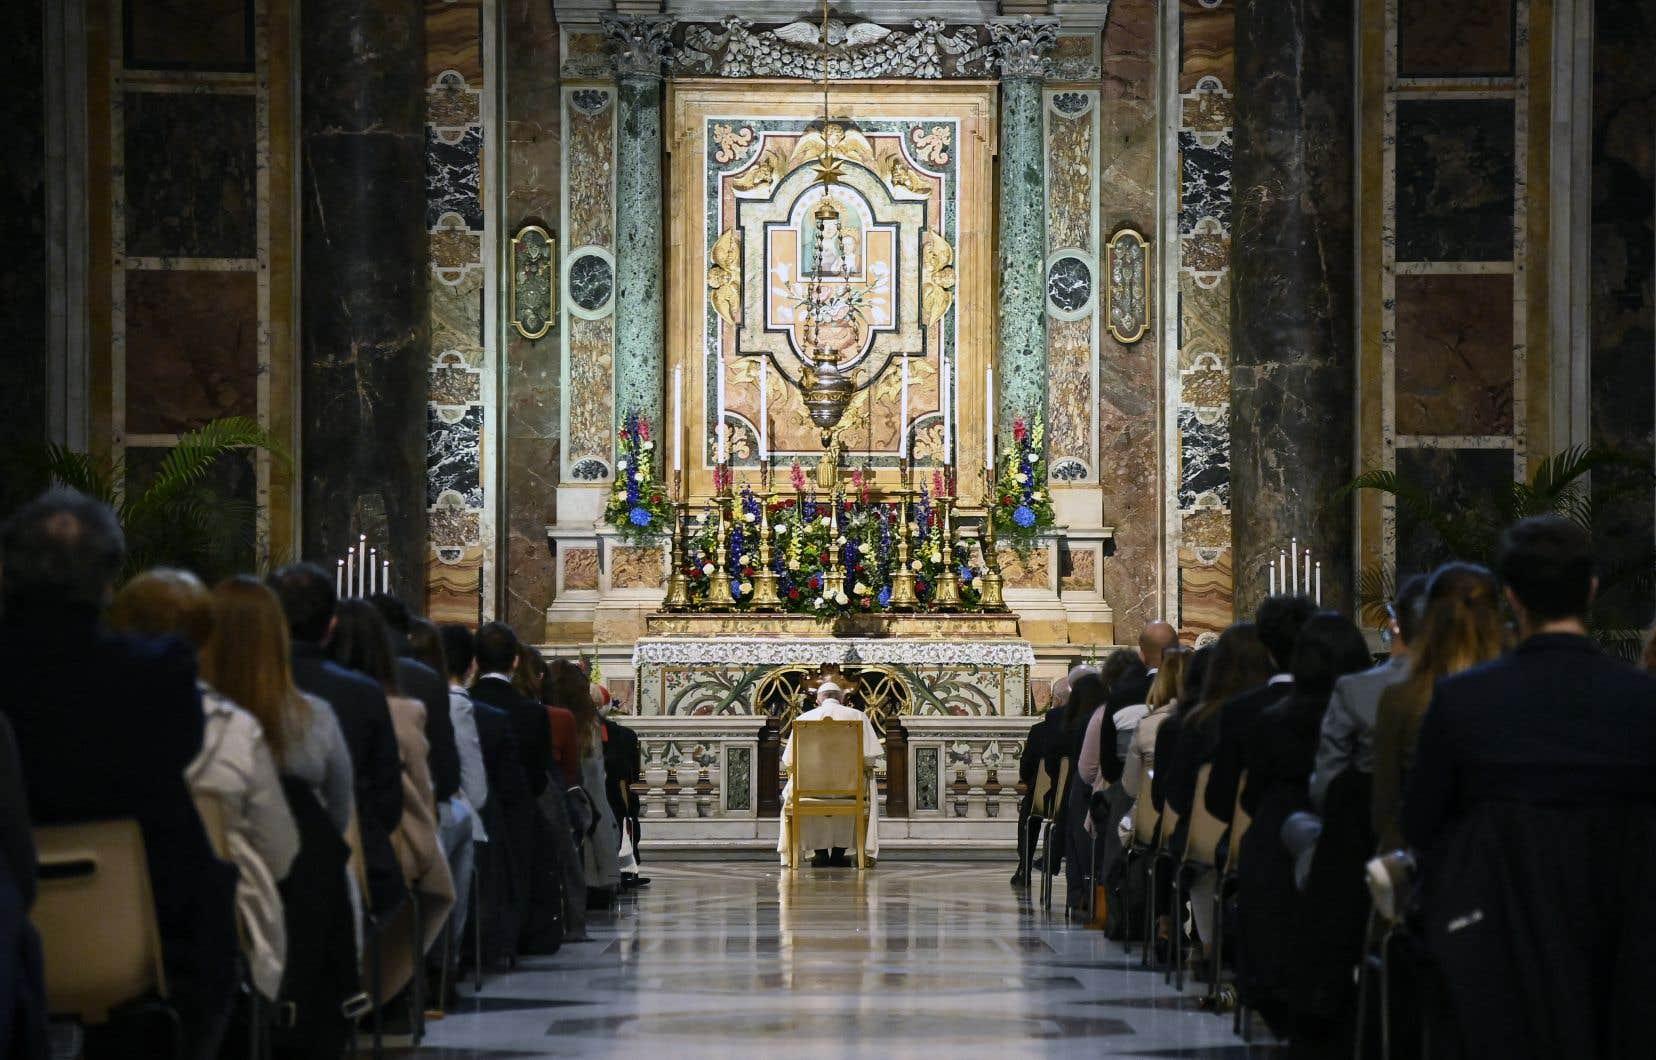 Le pape François priedans la chapelle grégorienne de la Basilique Saint-Pierre, au Vatican, au débutdu mois de mai.